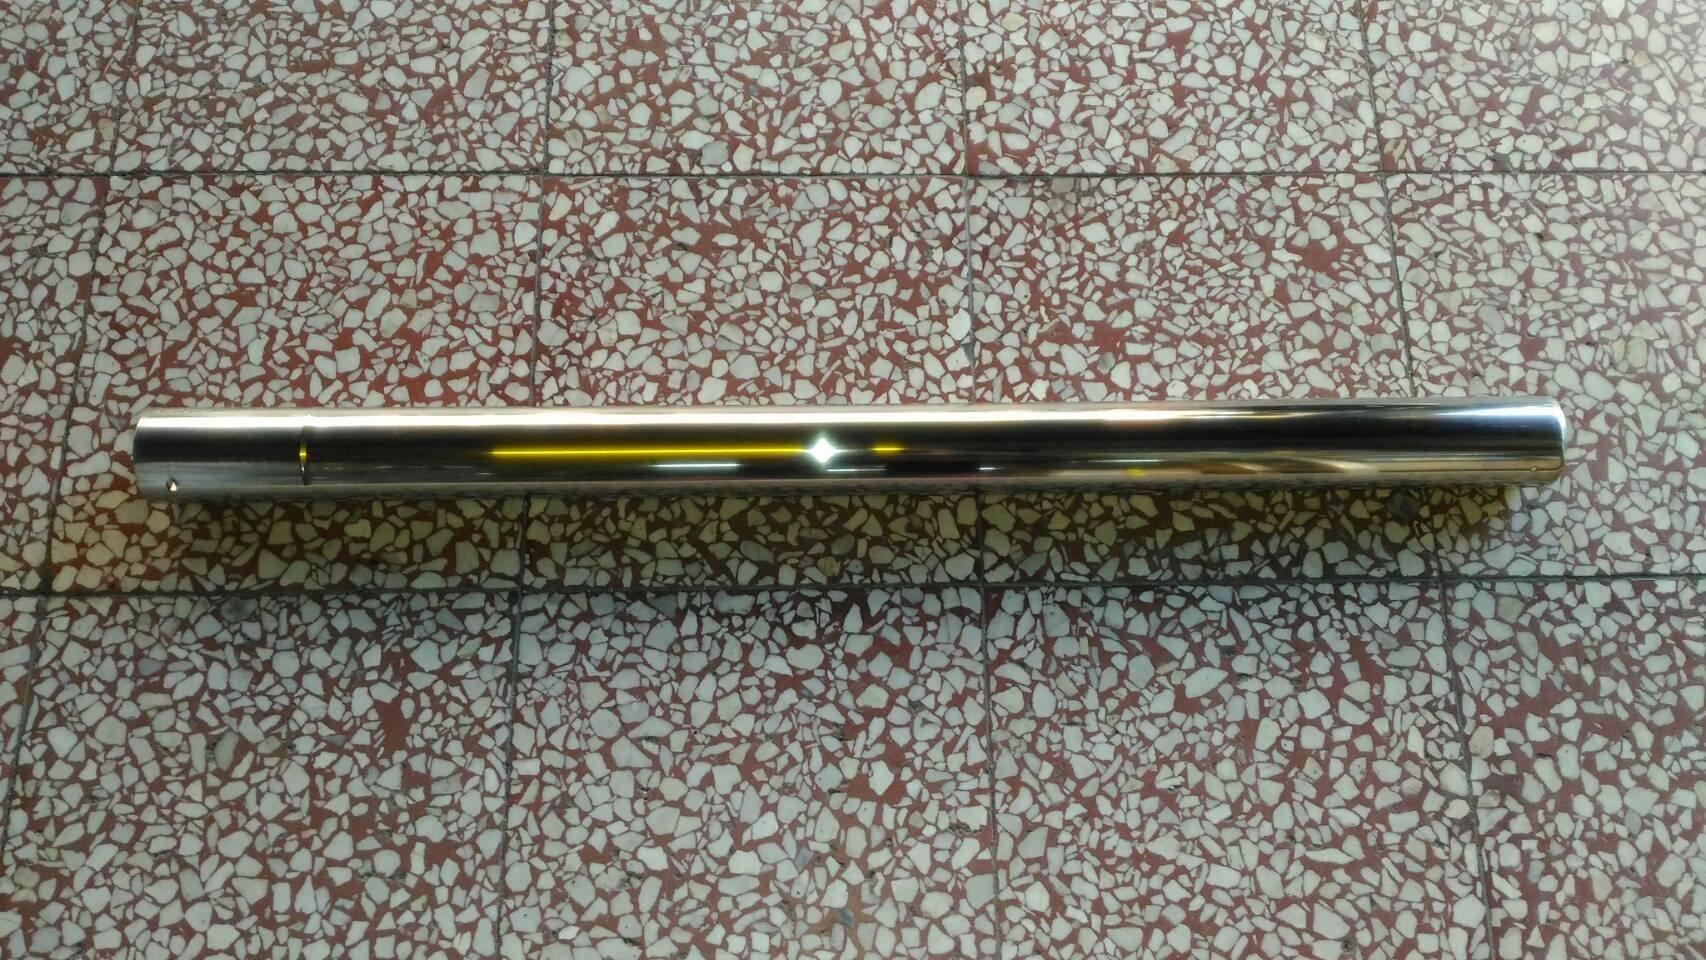 {水電材料行}~[熱水器 ]~304 強制排氣 強排 瓦斯熱水器 不鏽鋼管 23公分 管徑約6公分